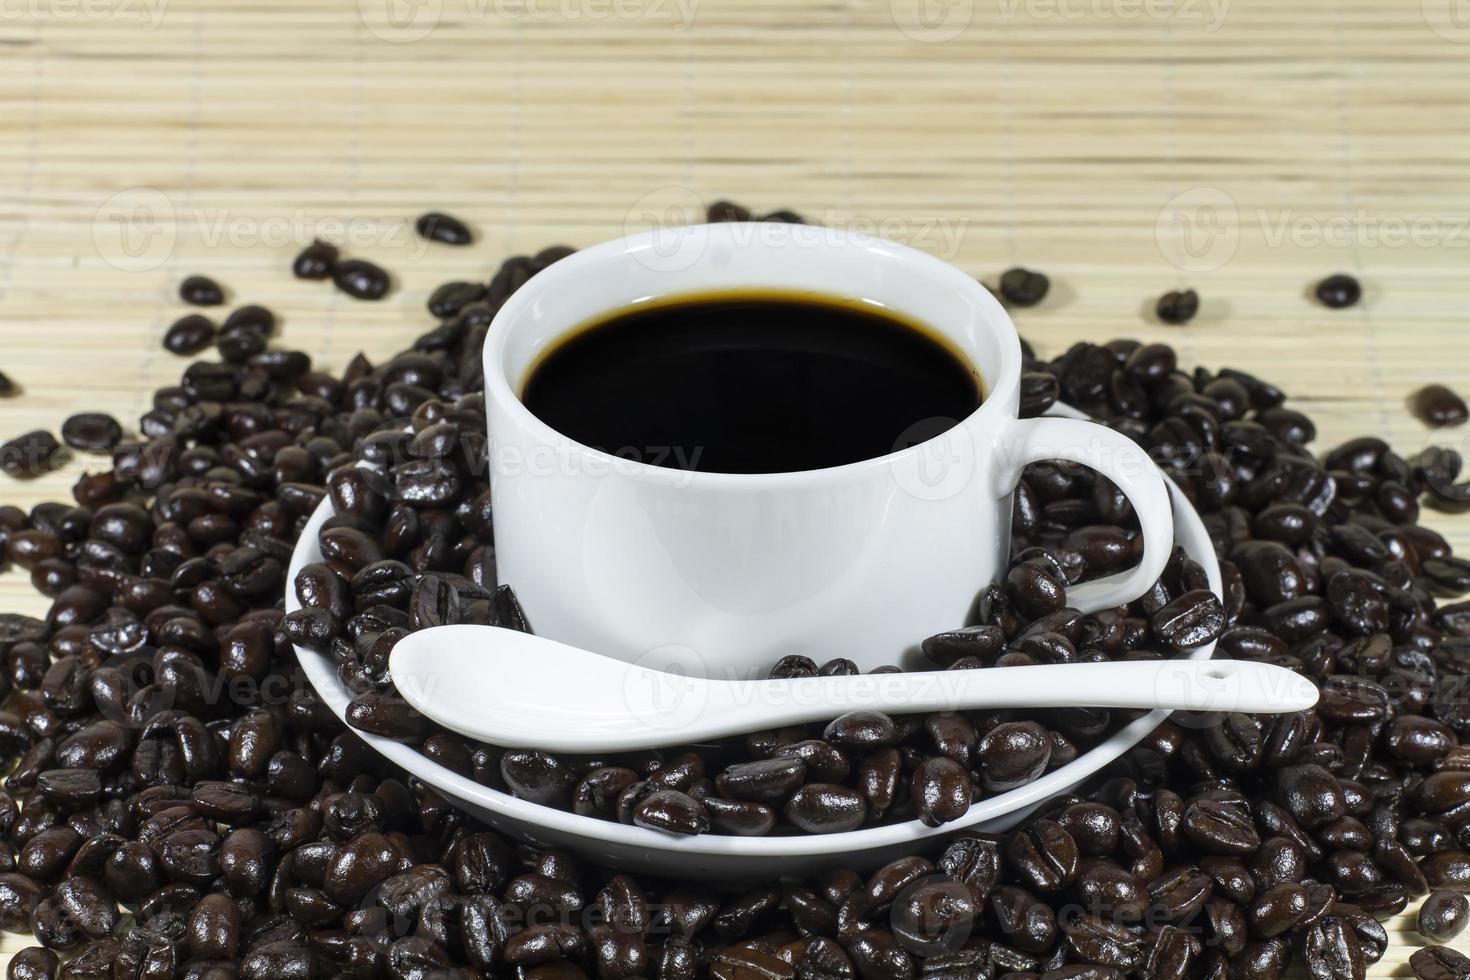 warme koffie met gebrande koffiebonen decoratie foto